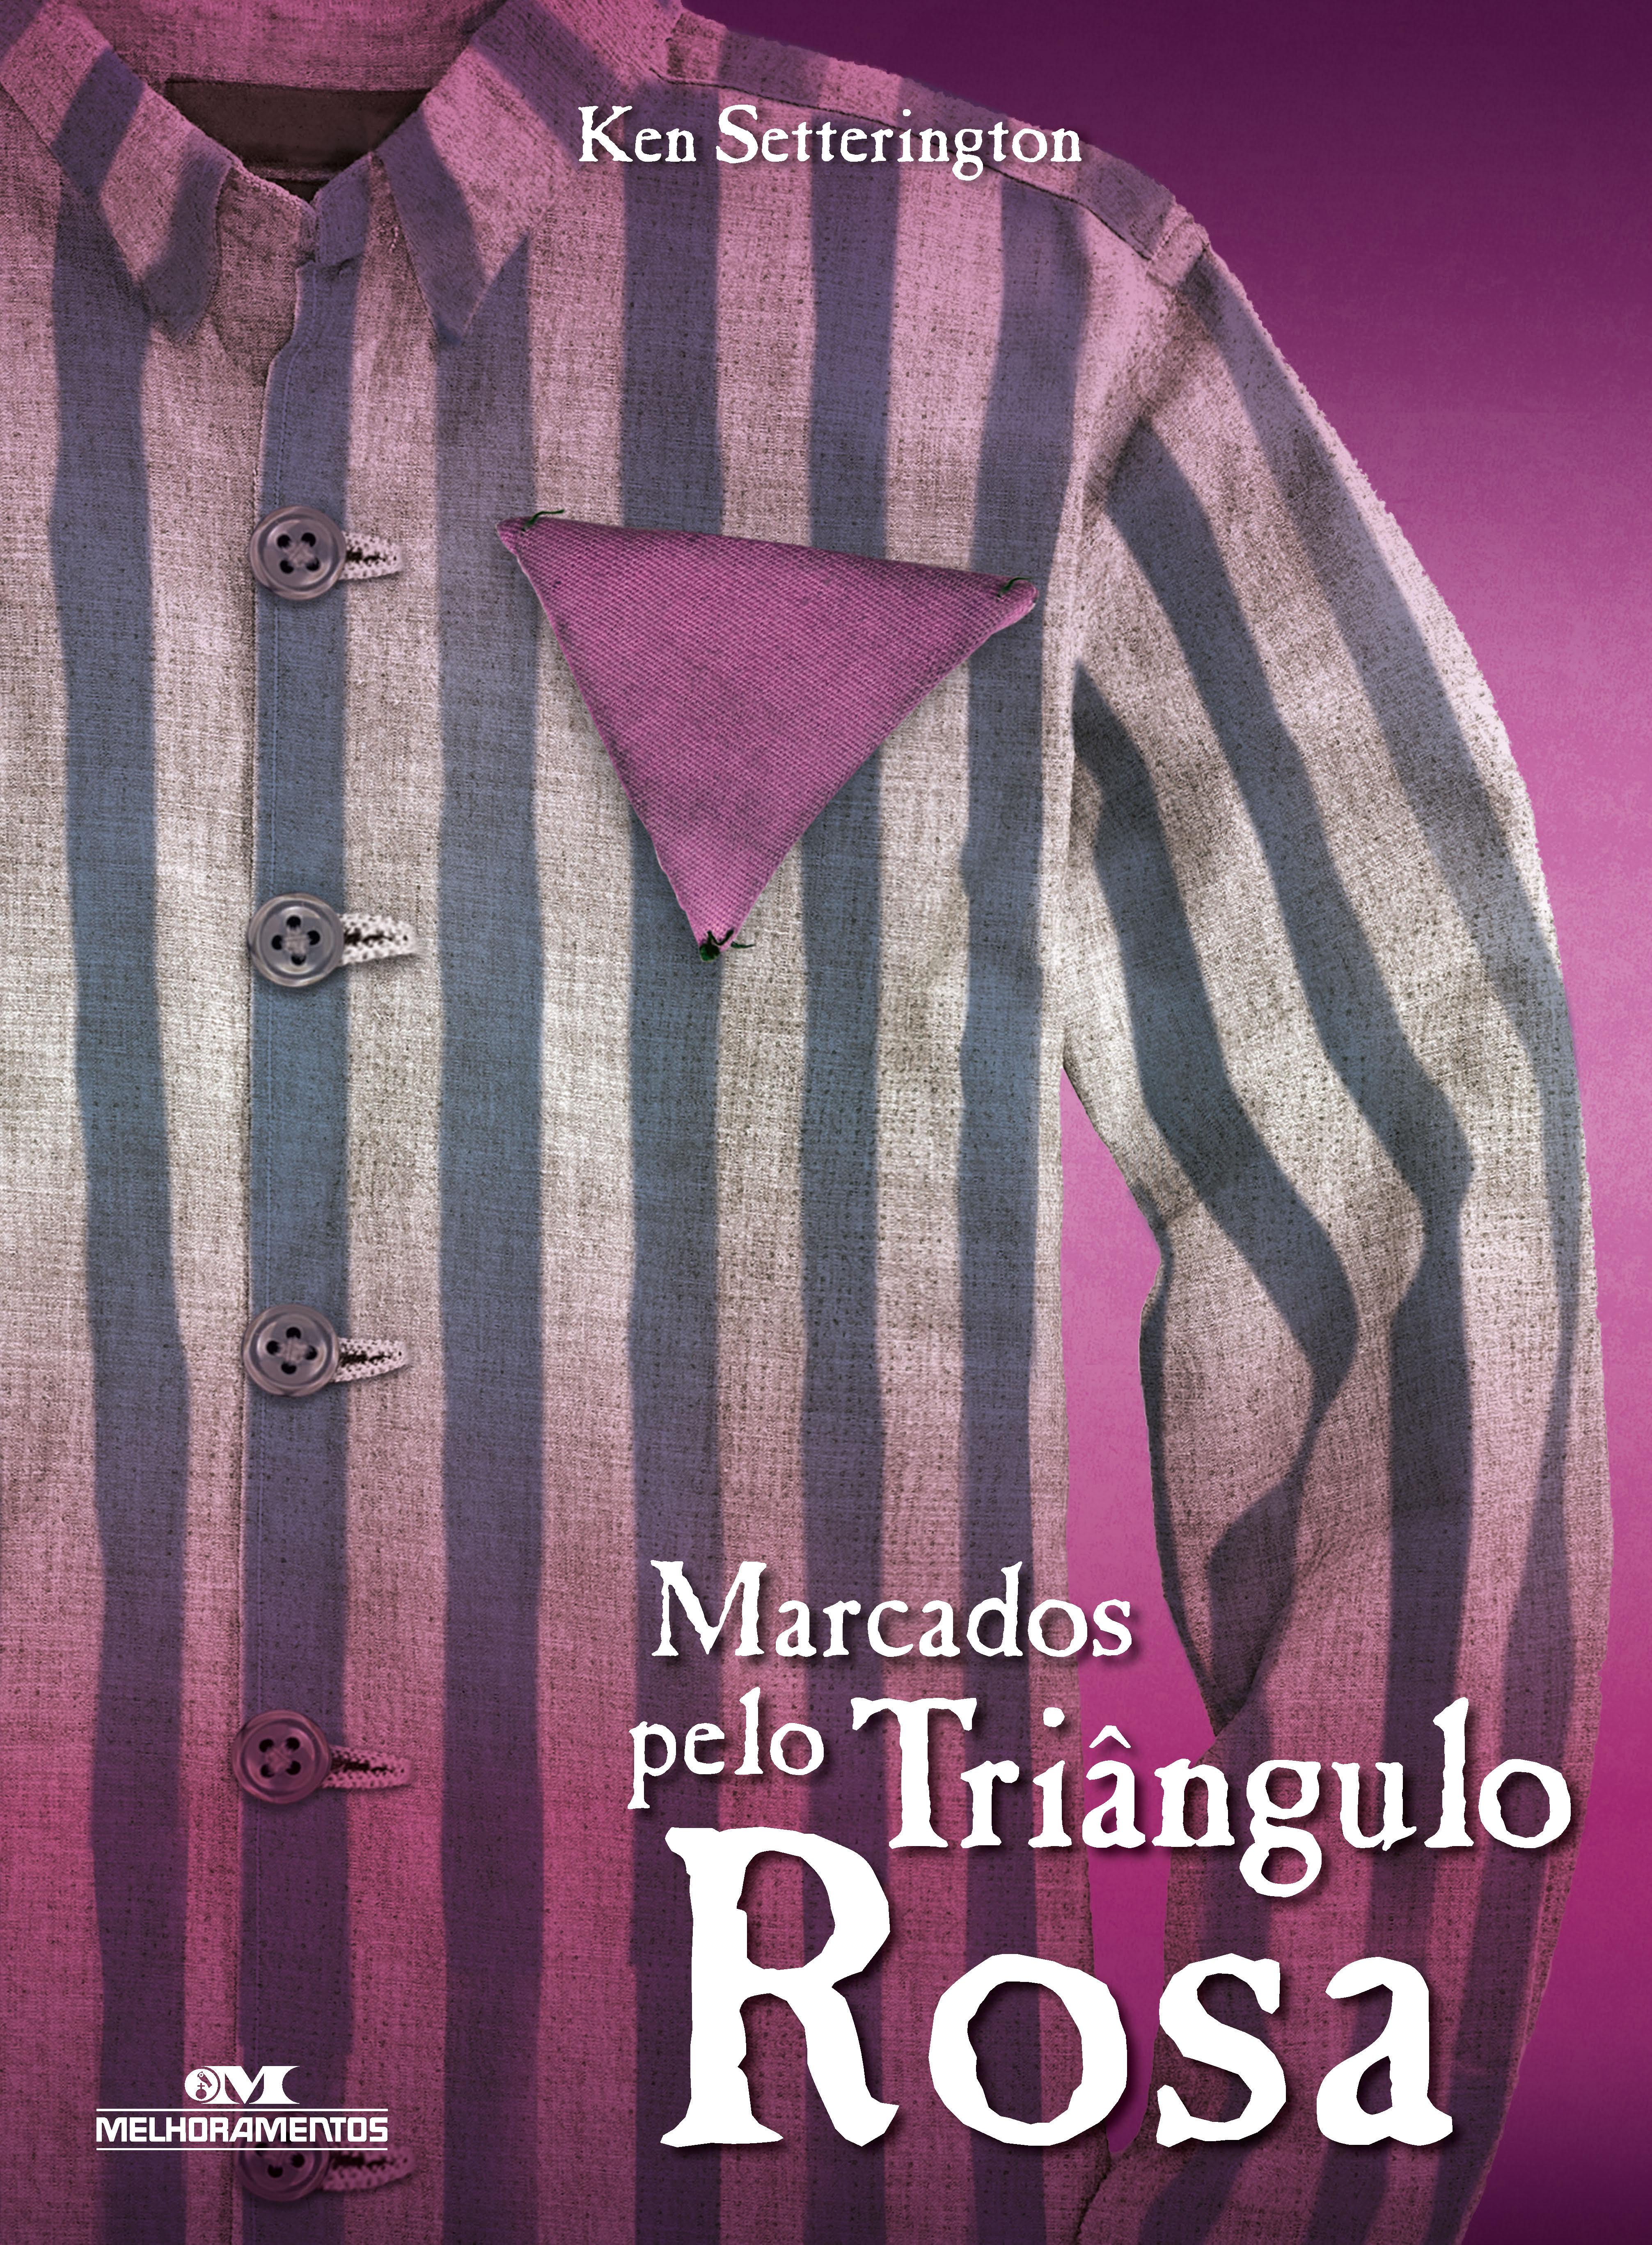 Marcados pelo triângulo rosa